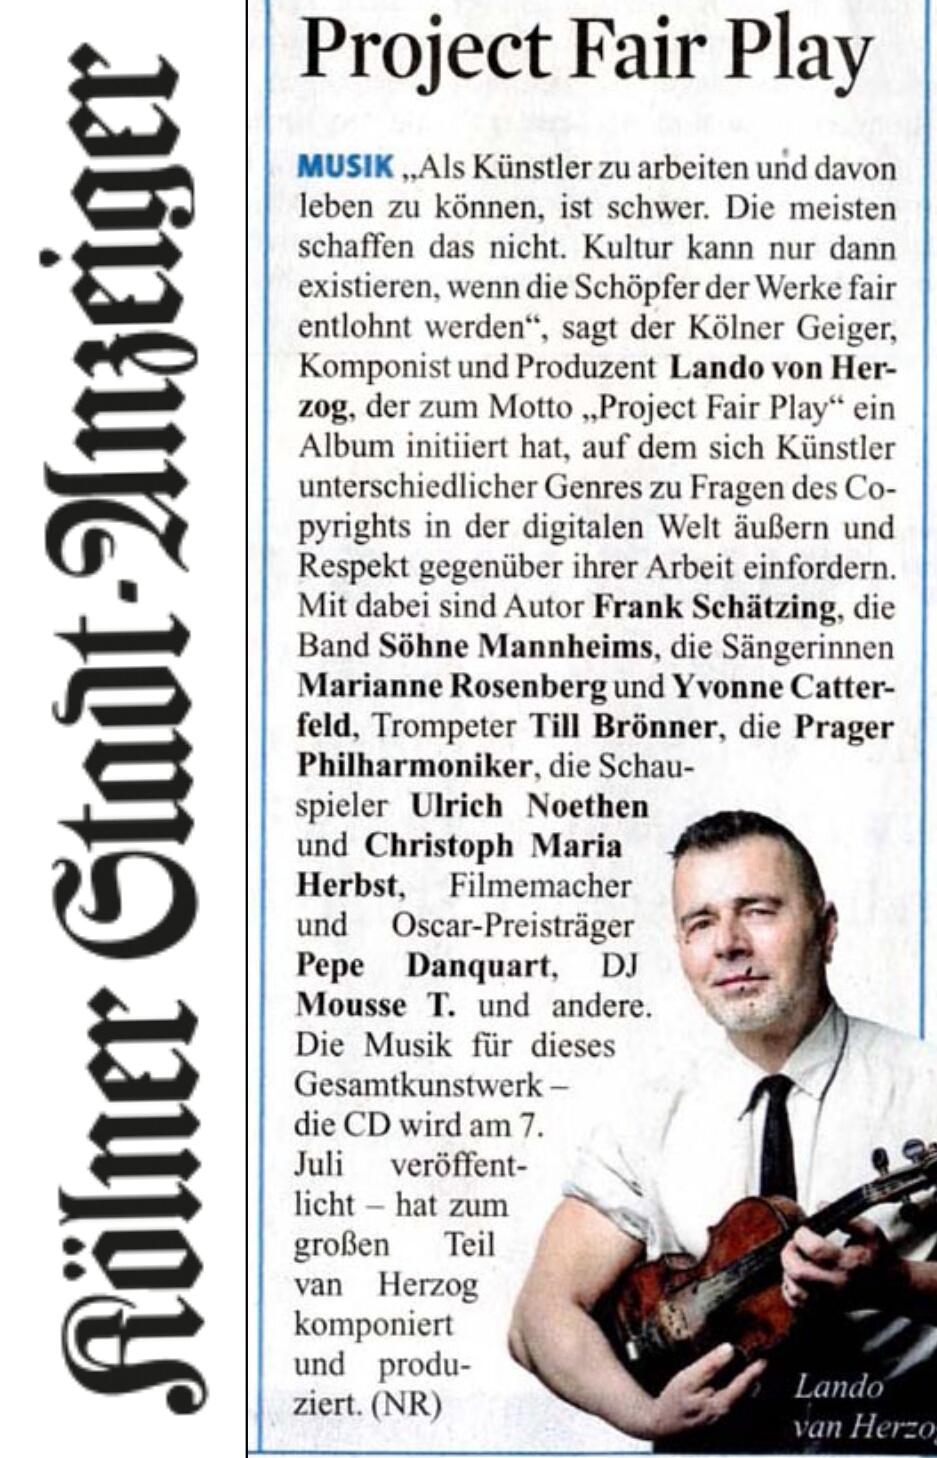 Kölner Stadtanzeiger 09.06.17 +